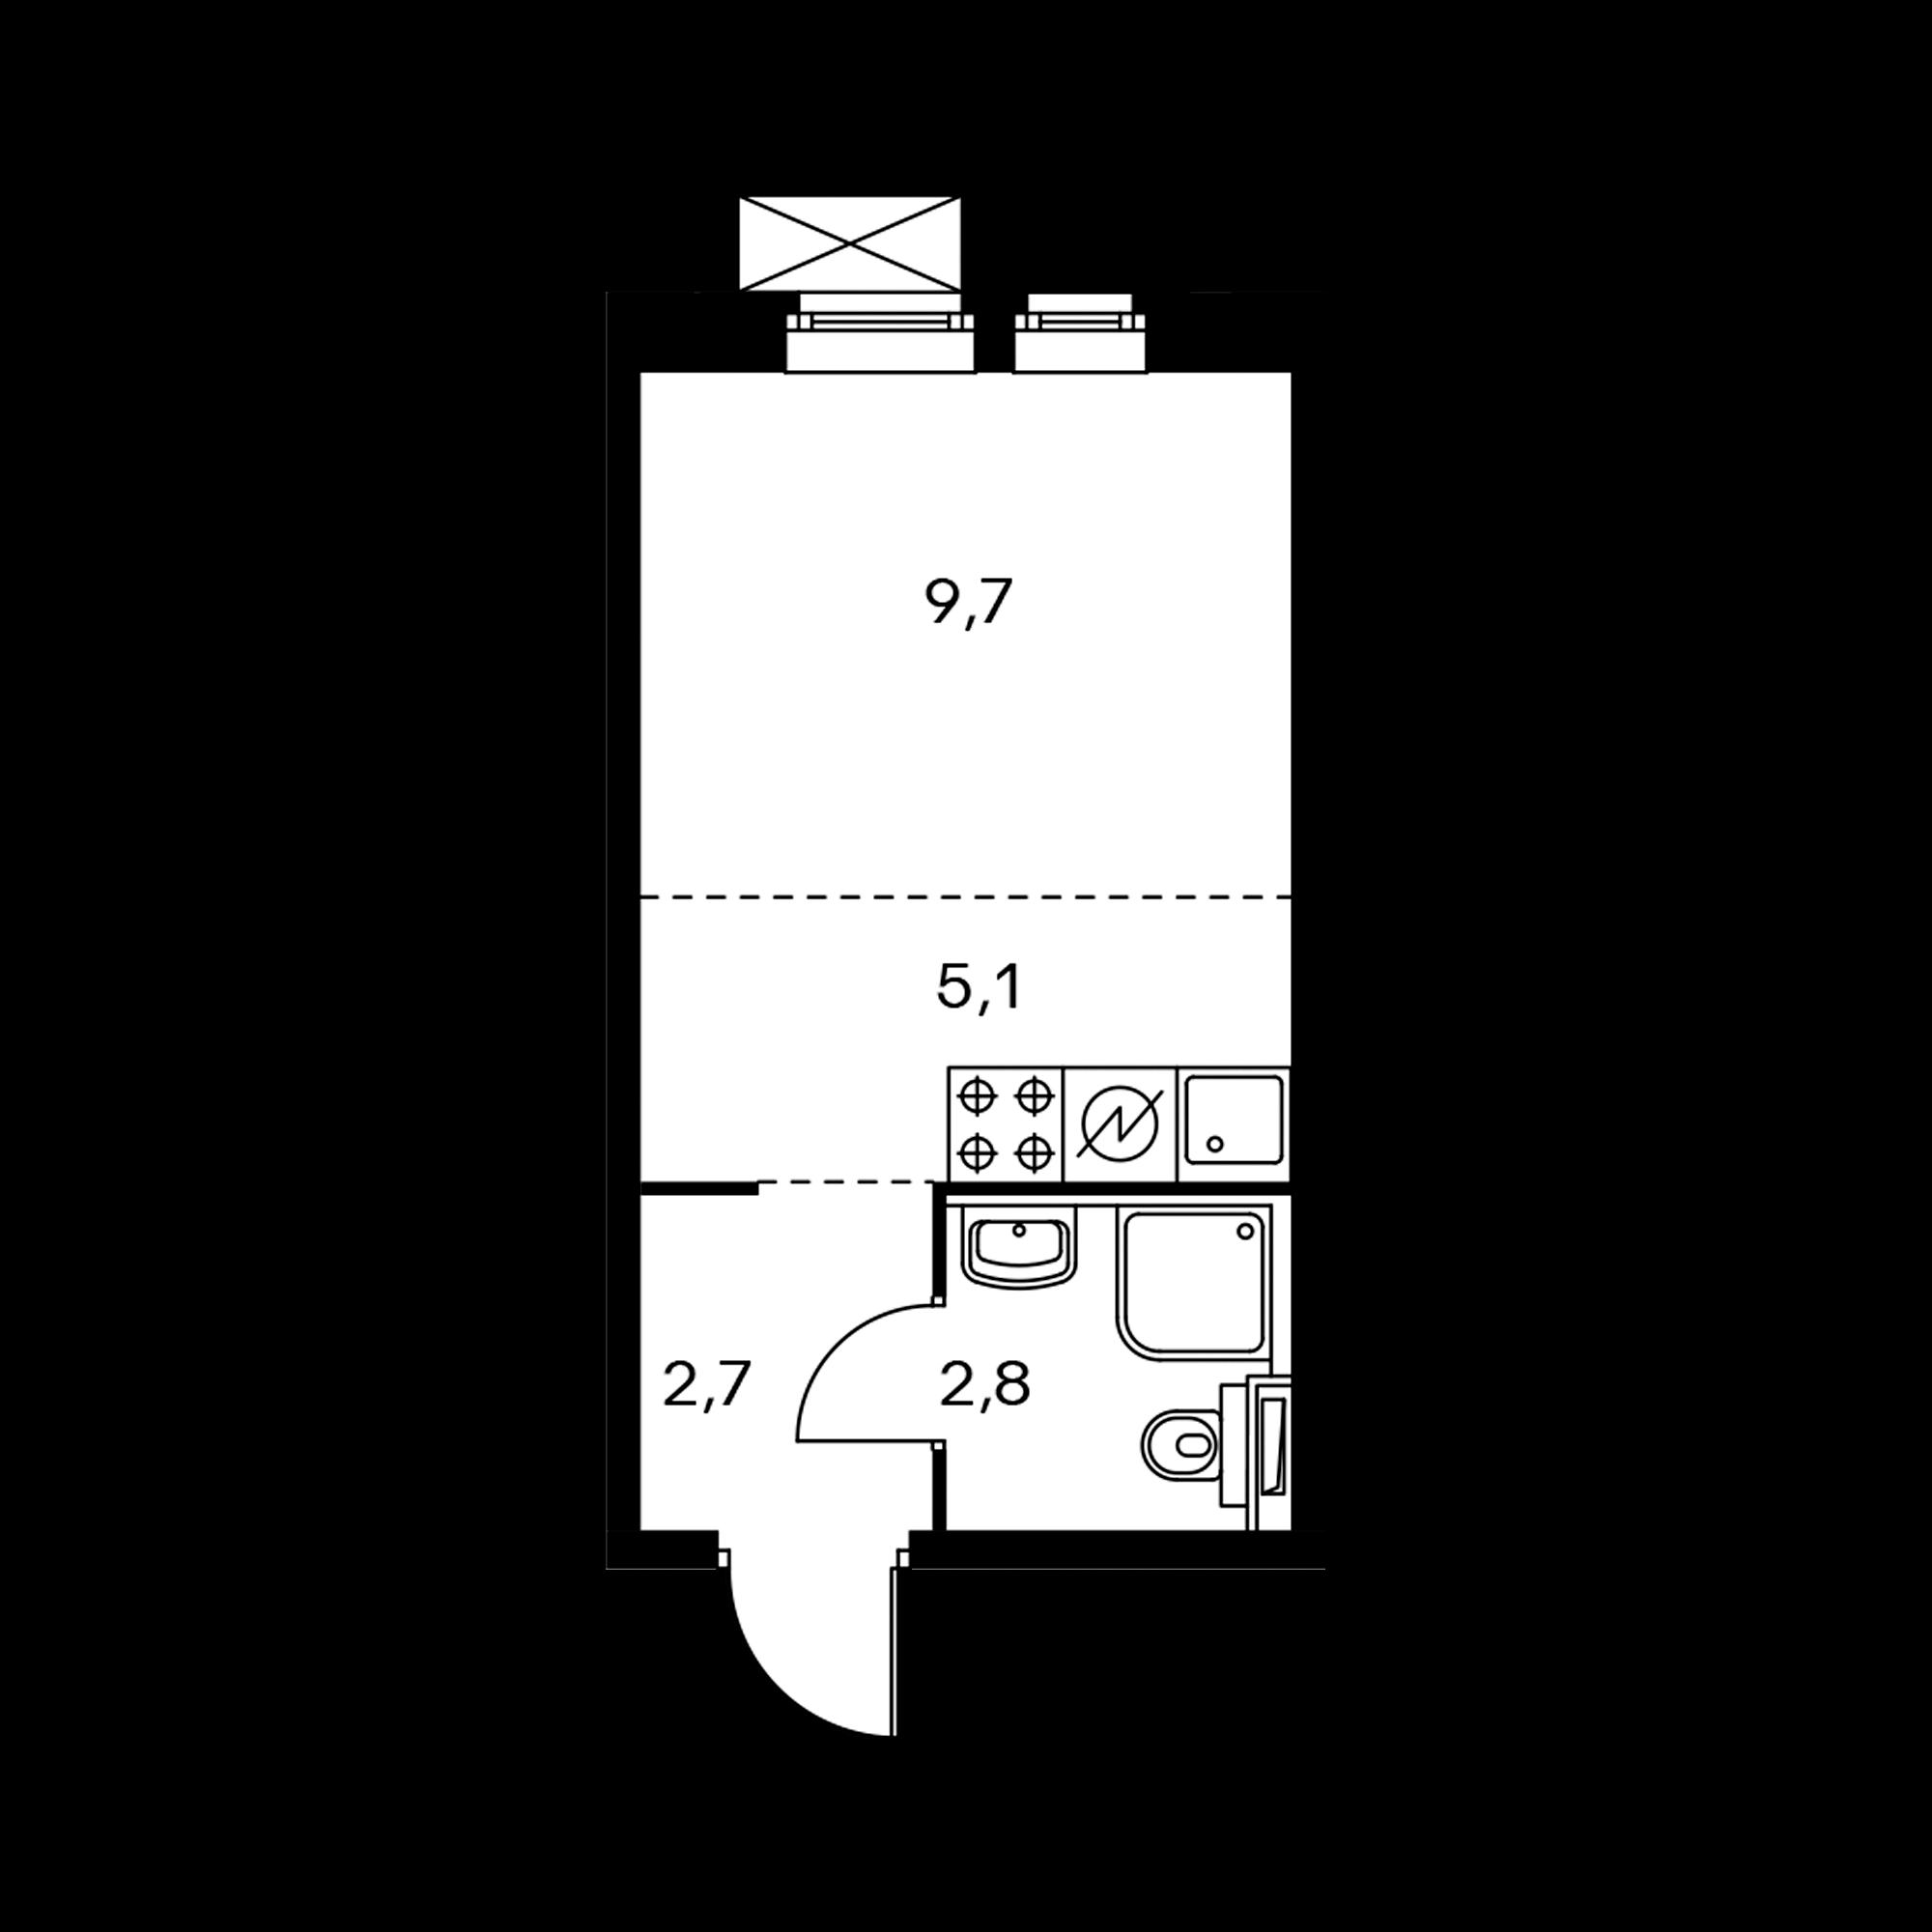 1NS1_3.6-1_S_A4*